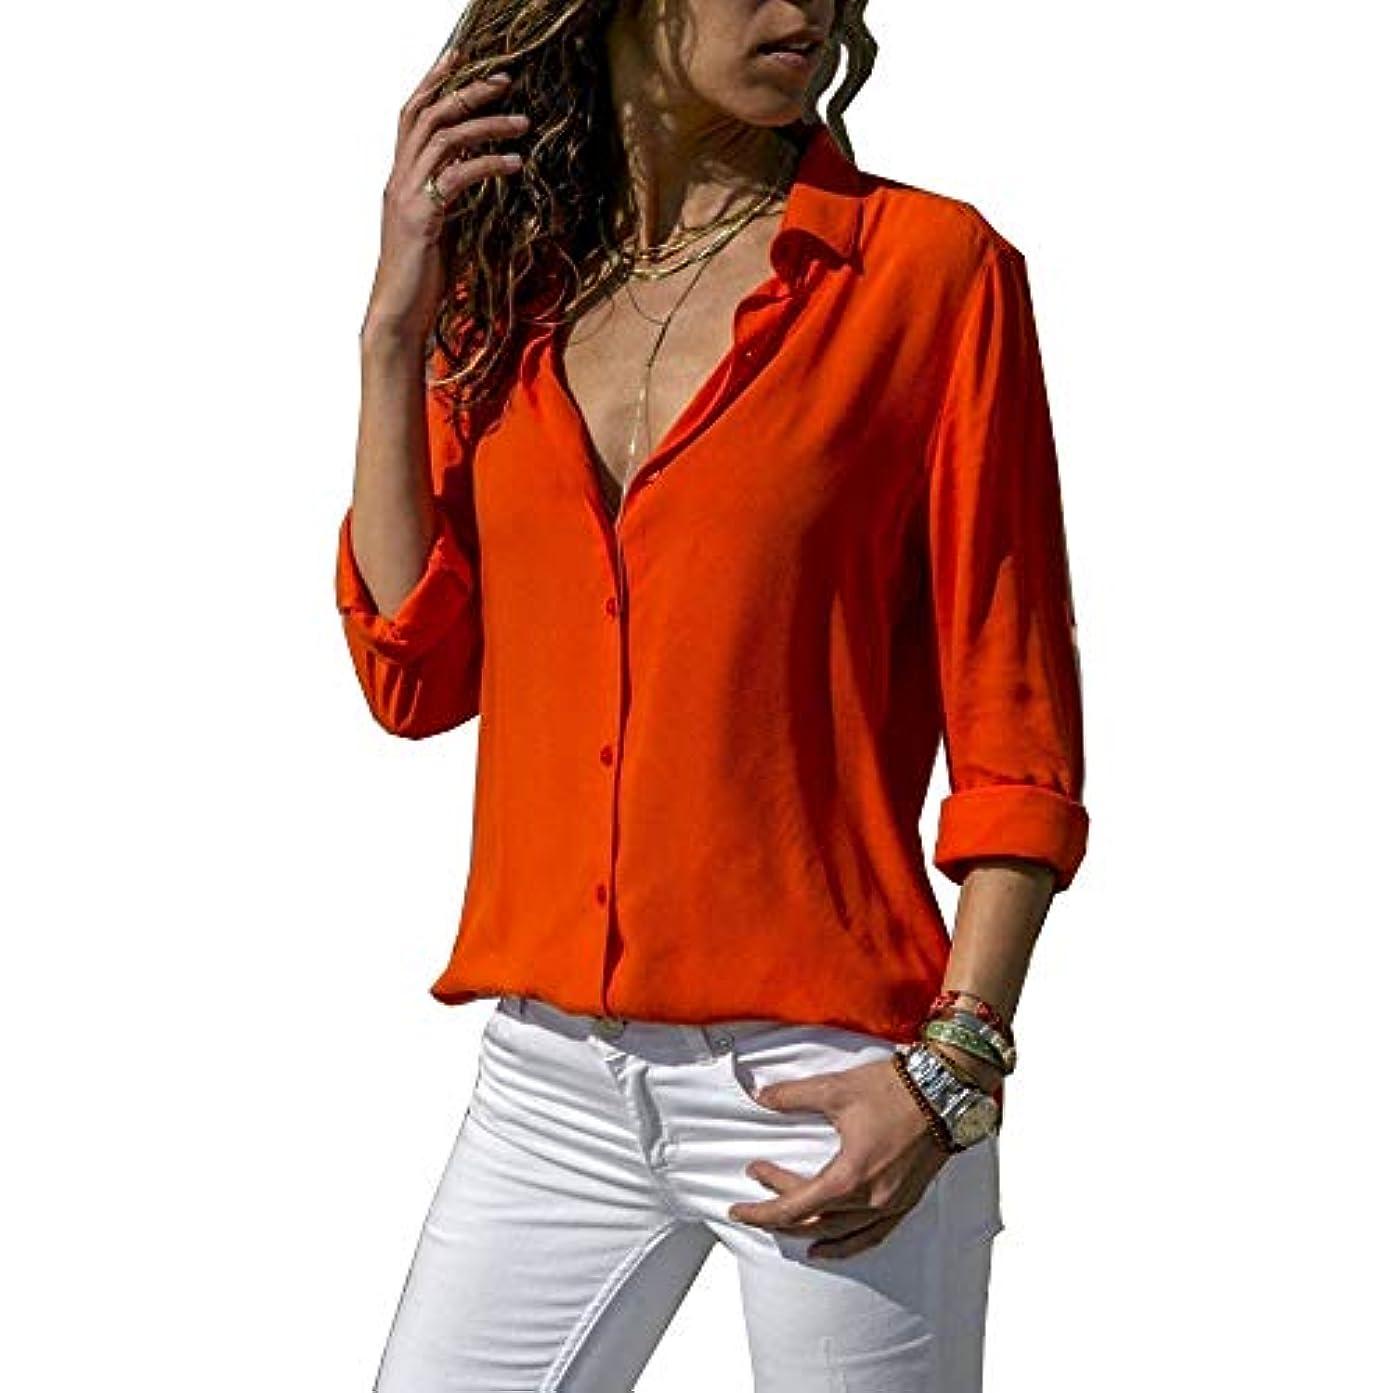 イースター細胞セッティングMIFAN ルーズシャツ、トップス&Tシャツ、プラスサイズ、トップス&ブラウス、シフォンブラウス、女性トップス、シフォンシャツ